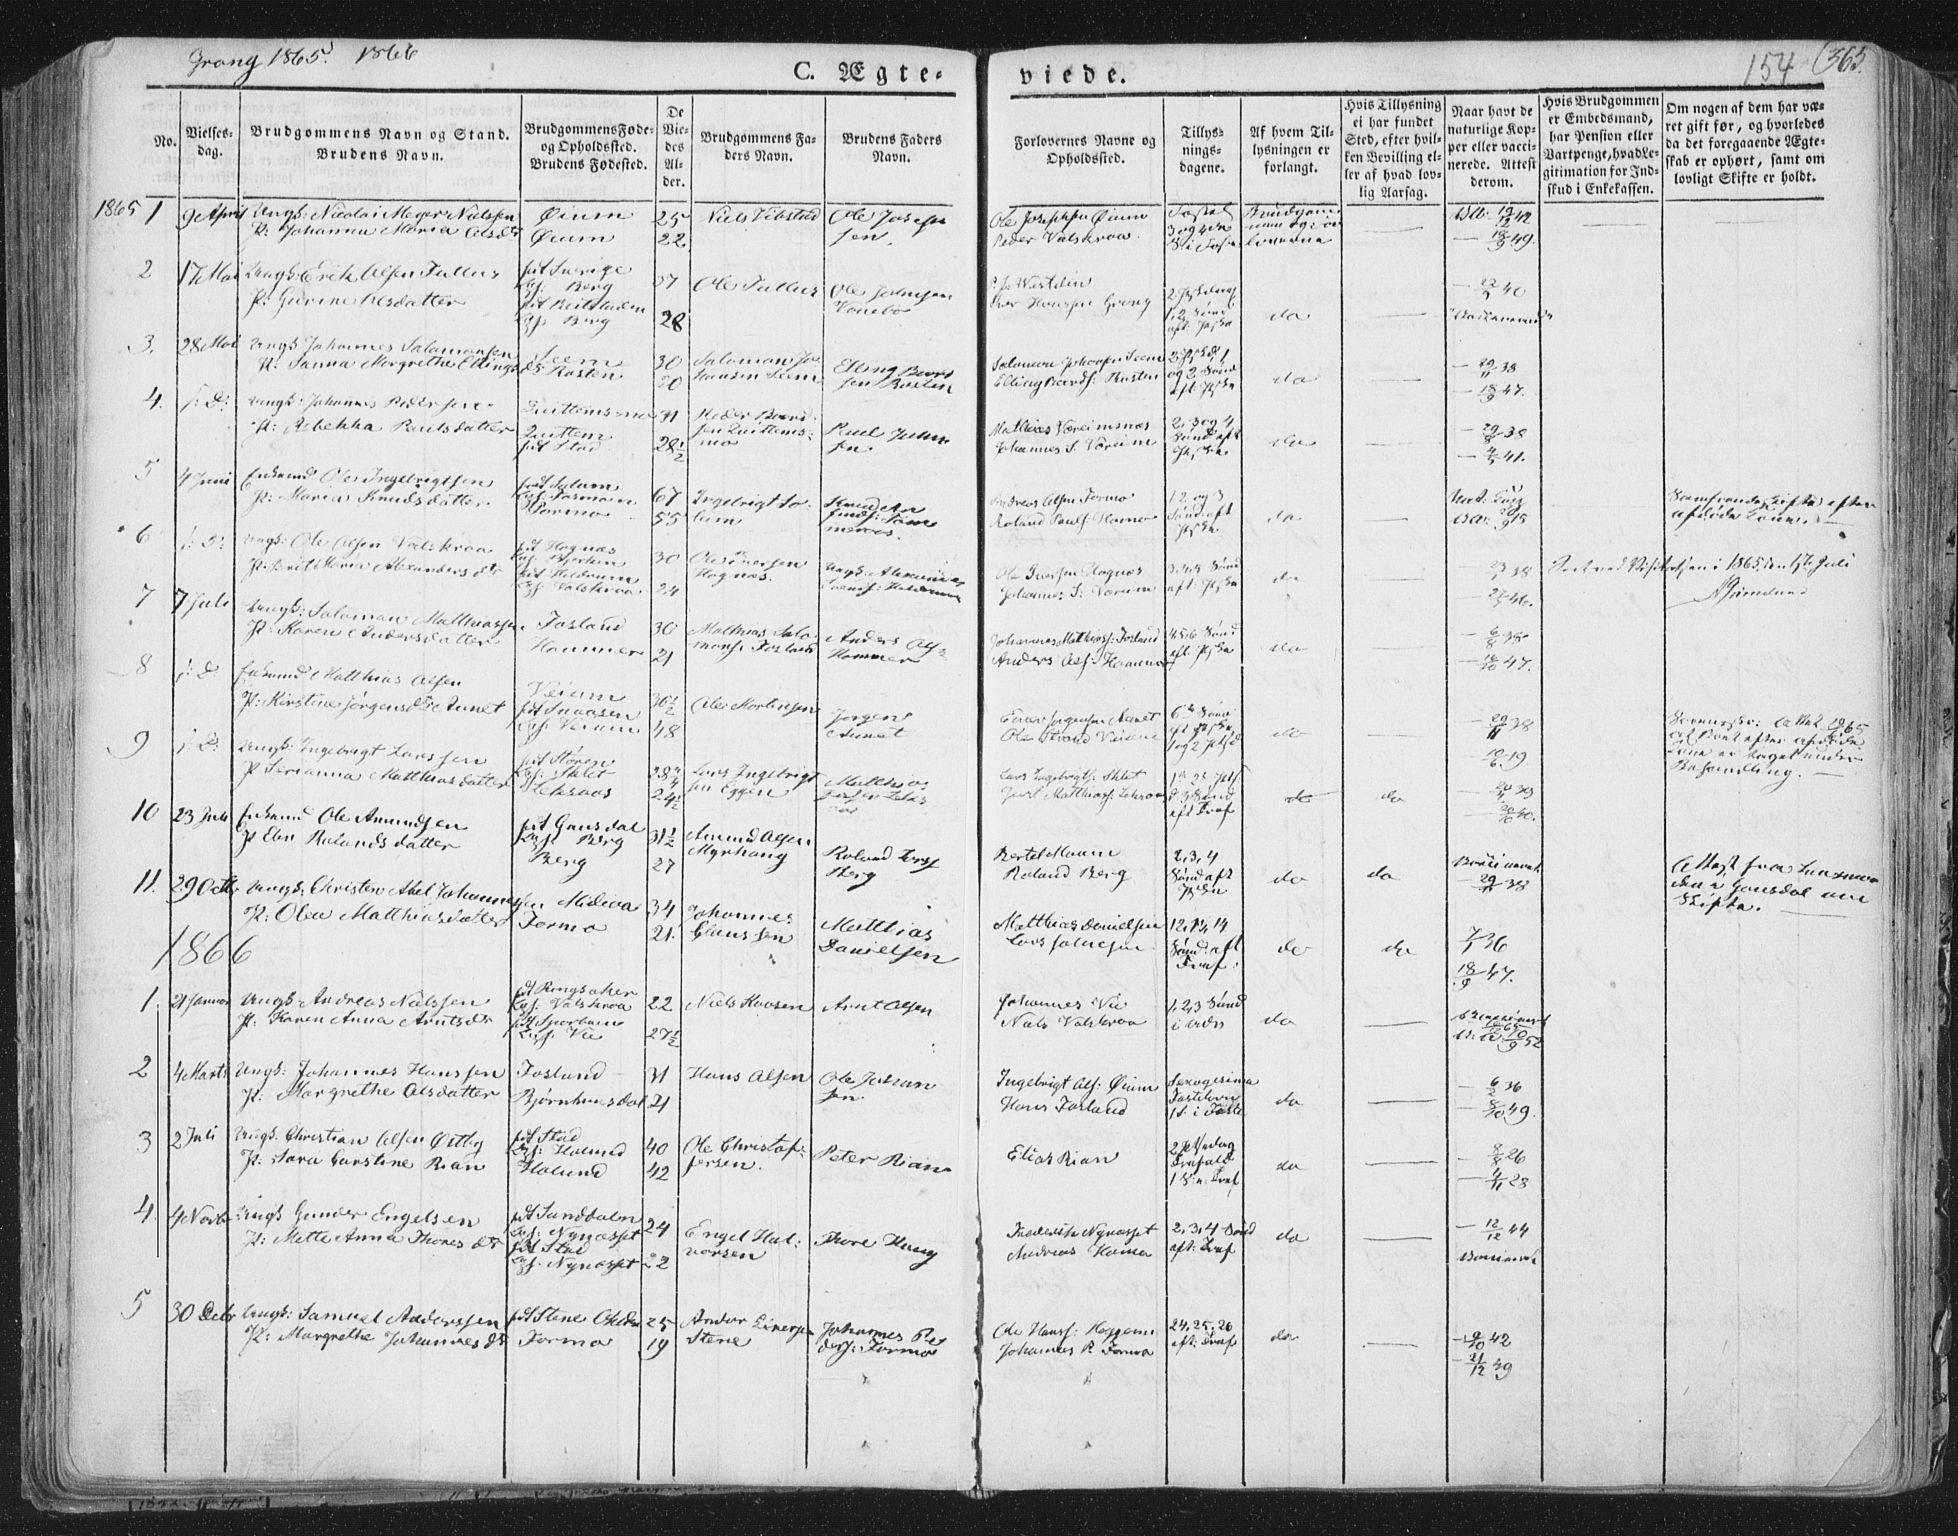 SAT, Ministerialprotokoller, klokkerbøker og fødselsregistre - Nord-Trøndelag, 758/L0513: Ministerialbok nr. 758A02 /1, 1839-1868, s. 154